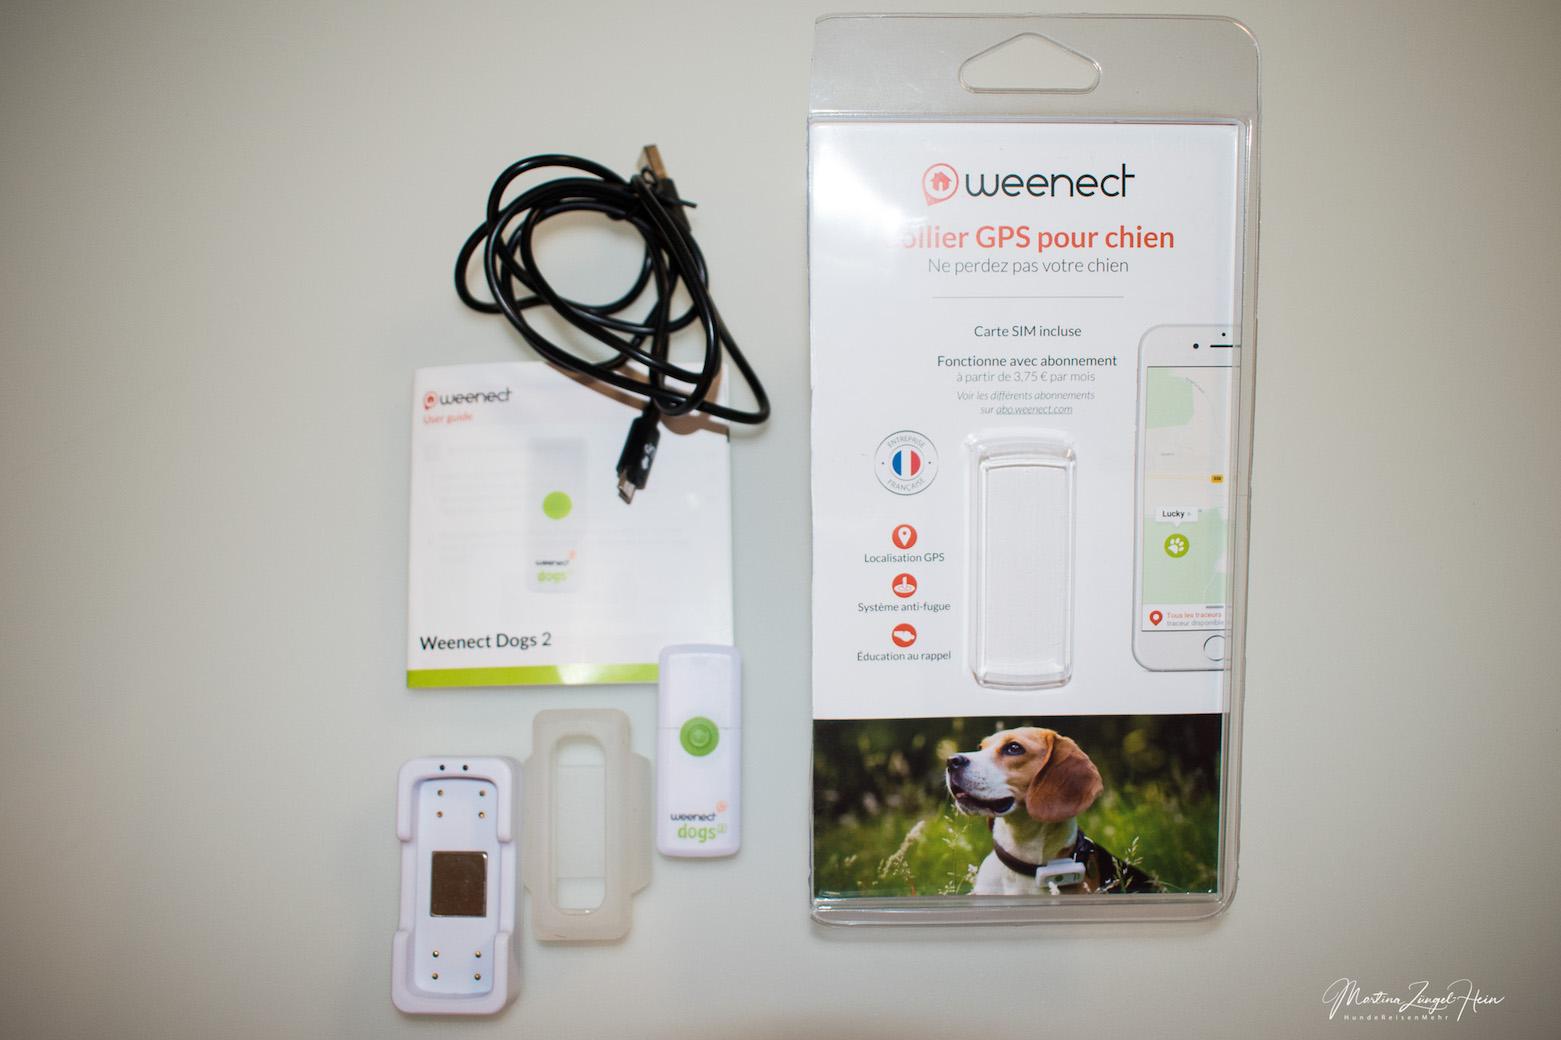 Der Weenect-Tracker kommt mit einer Silikon-Halterung, Aufladestation und Kabel sowie einer Gebrauchsanweisung